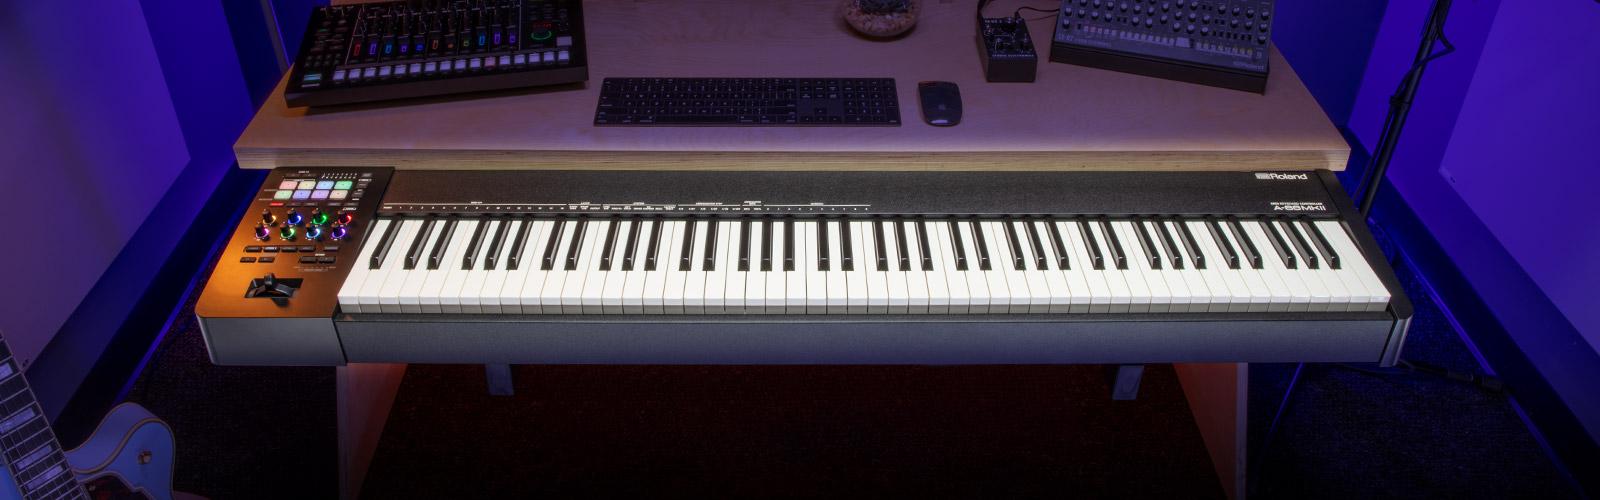 Roland a88MKII midi 2.0